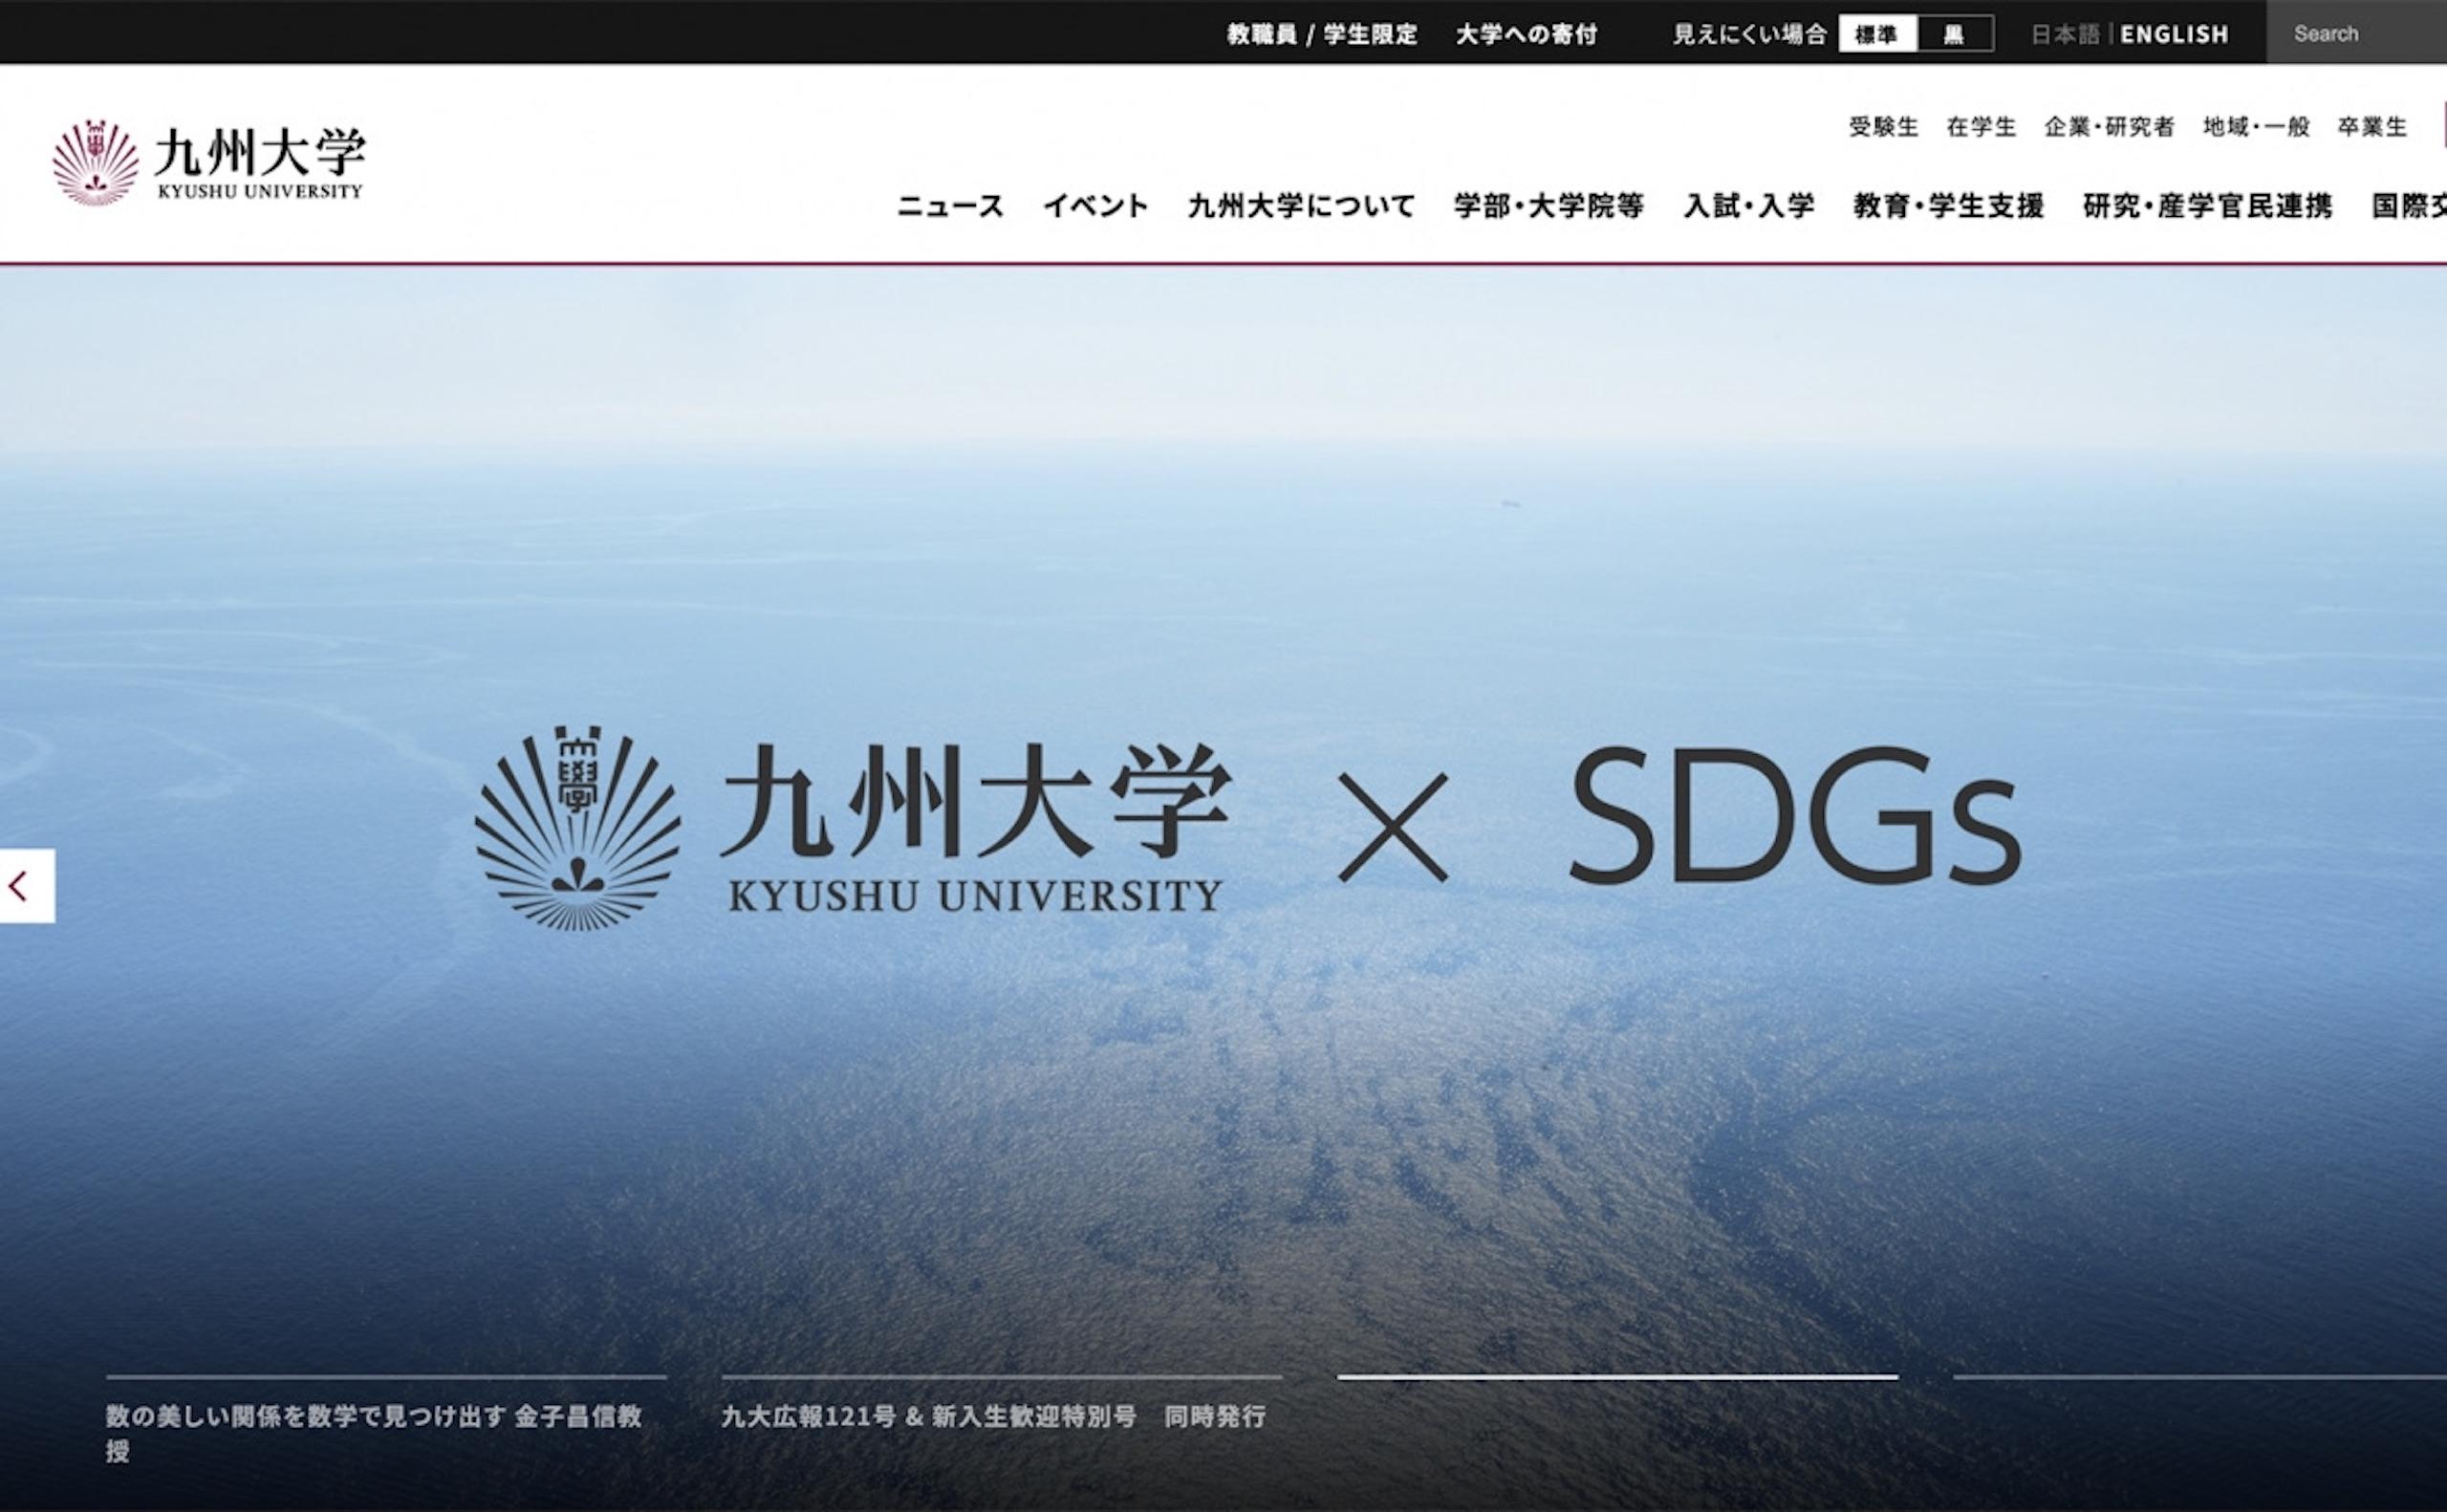 西 九州 大学 ポータル サイト